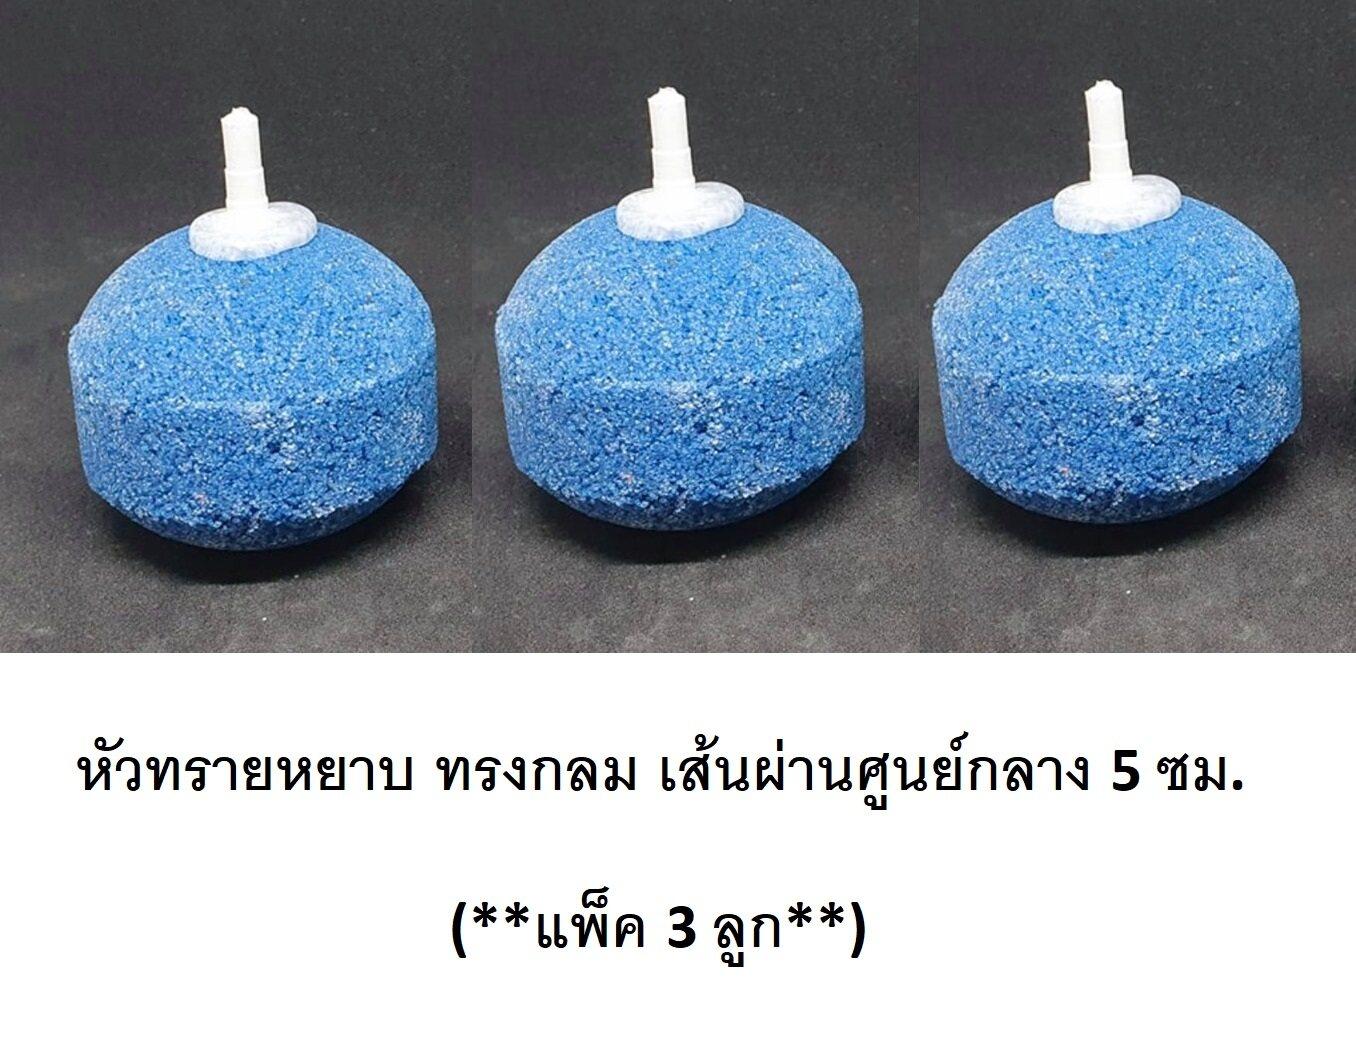 หัวทรายหยาบ ทรงกลม เส้นผ่านศูนย์กลาง 5 ซม. (**แพ็ค 3 ลูก**) ใช้กับปั๊มลม เพื่อปล่อยออกซิเจนให้กับตู้ปลาและบ่อปลา หัวทราย ตู้ปลา